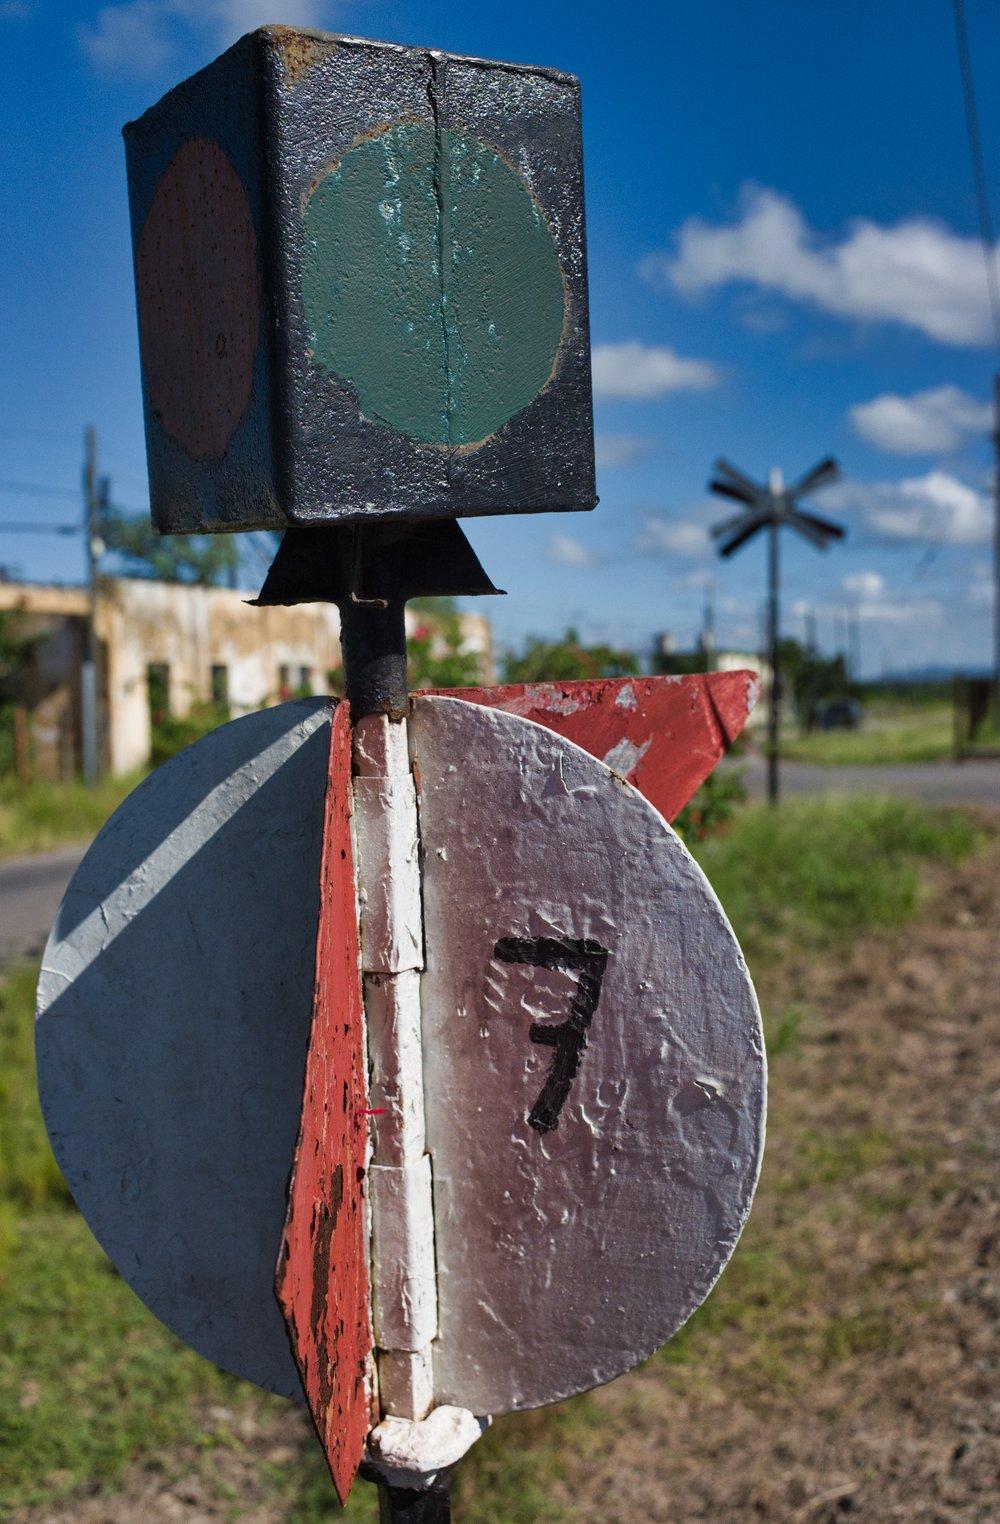 Ferrocarril I Hershey, Cuba Leica SL 35mm f/1.4 FLE Summilux © Keith R. Sbiral, 2018